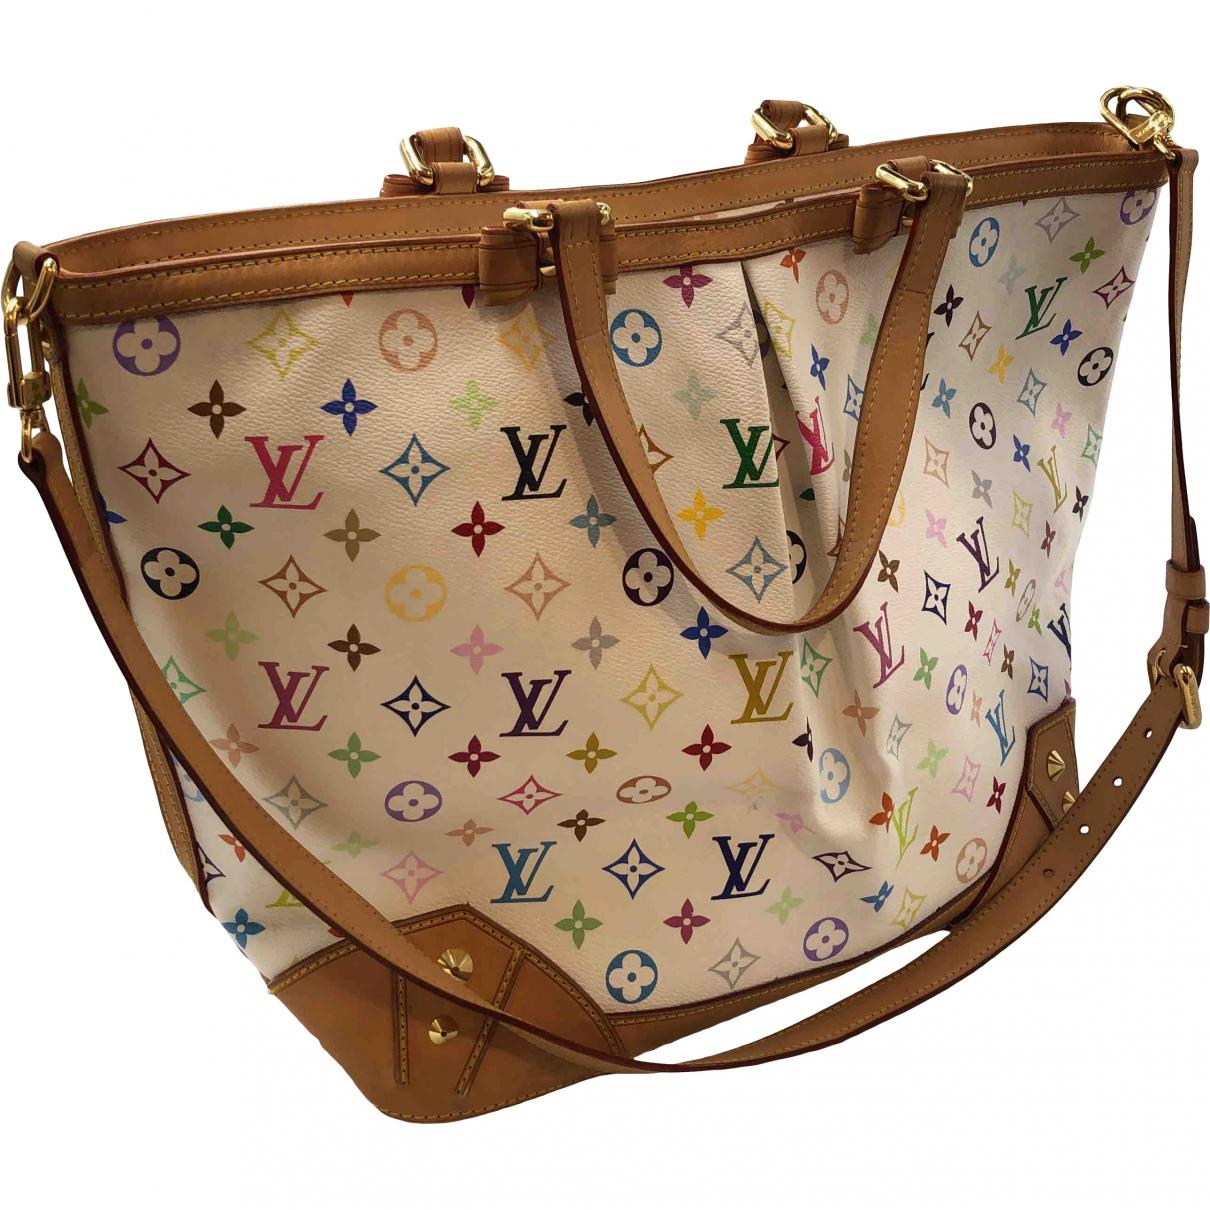 Louis Vuitton Tivoli Handtasche in  Weiss Leinen